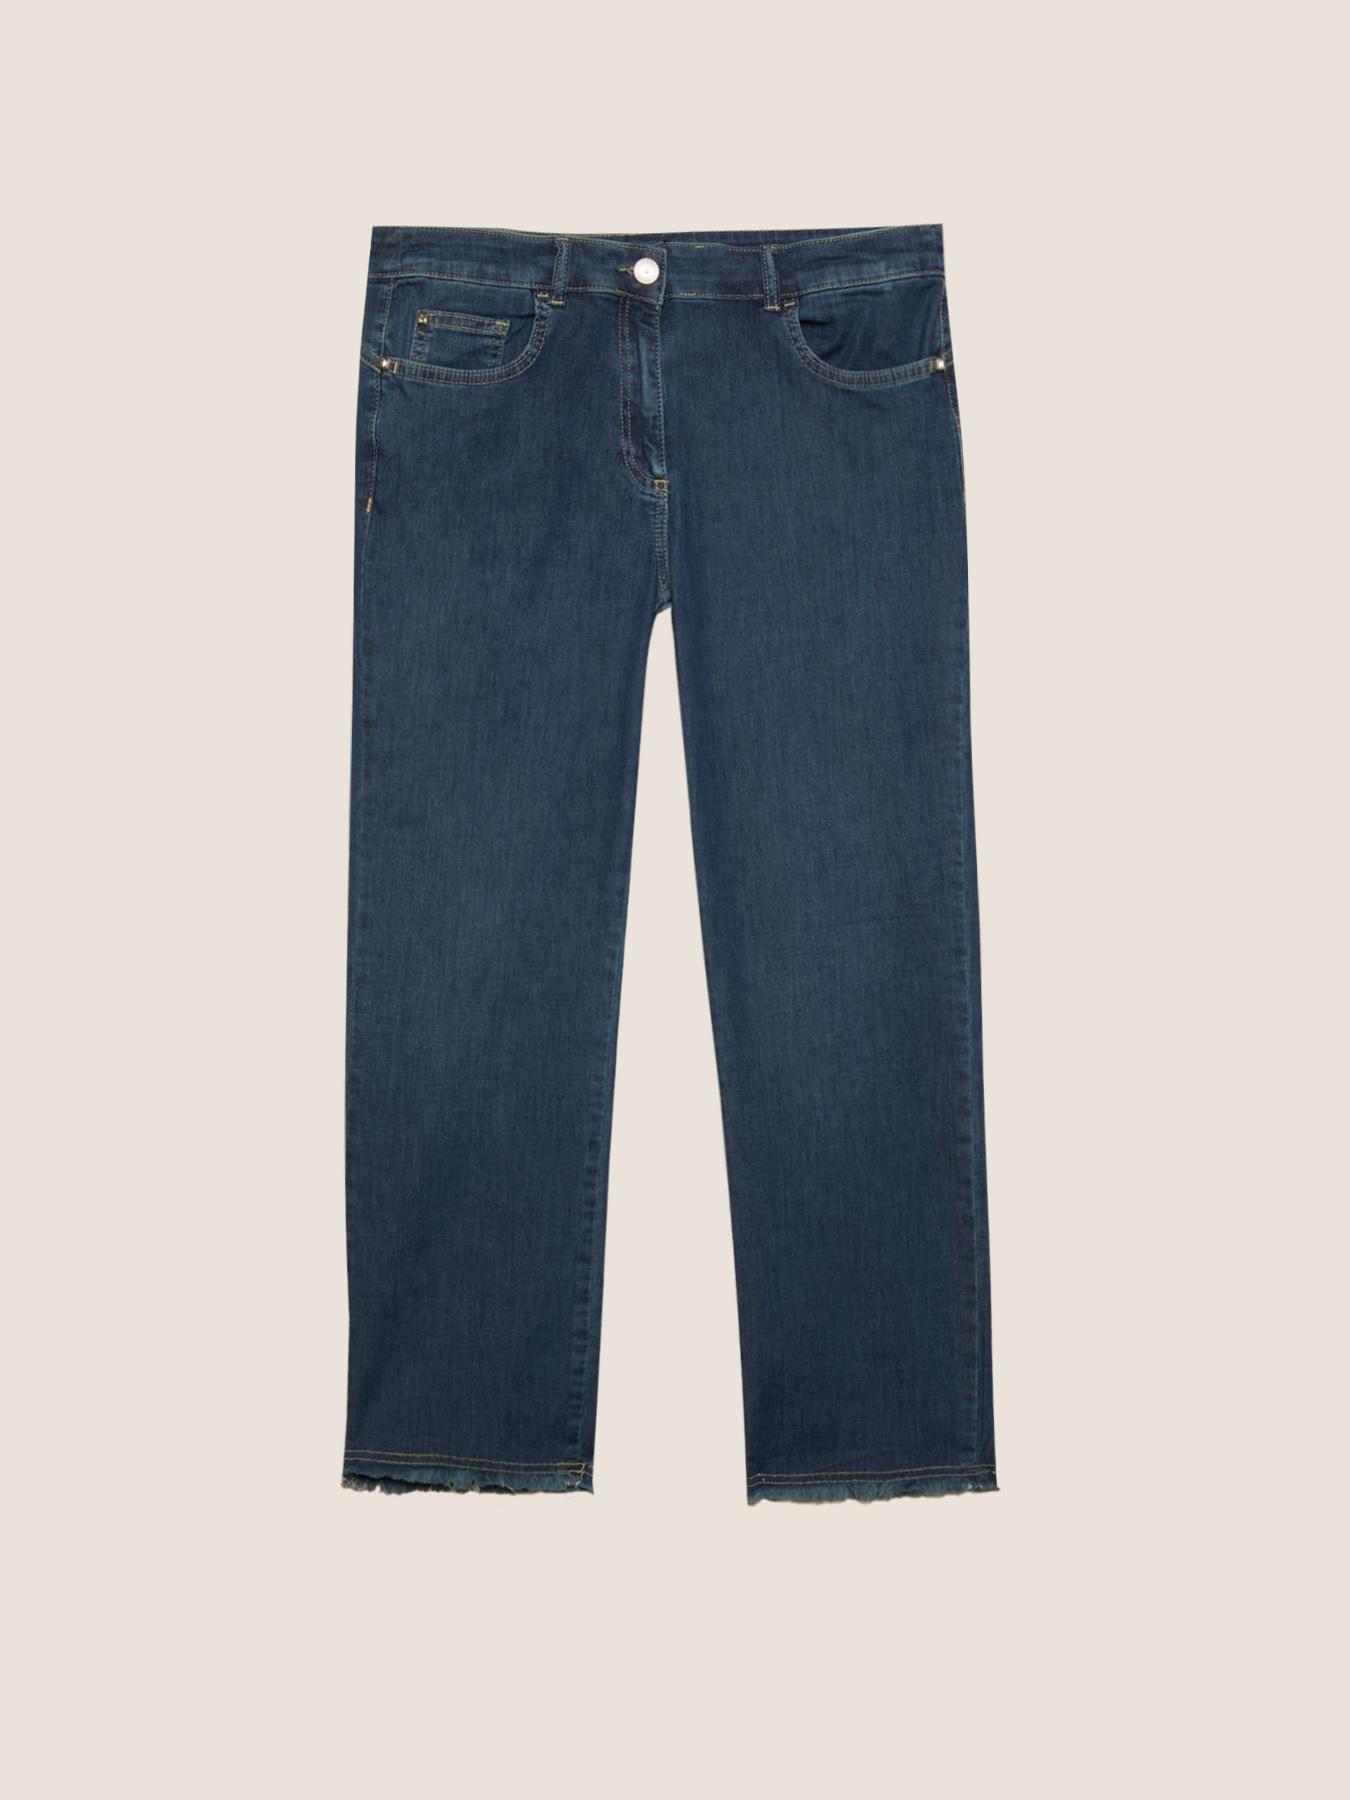 ELENA MIRO' | Jeans Conformed | P306Y019UJ34